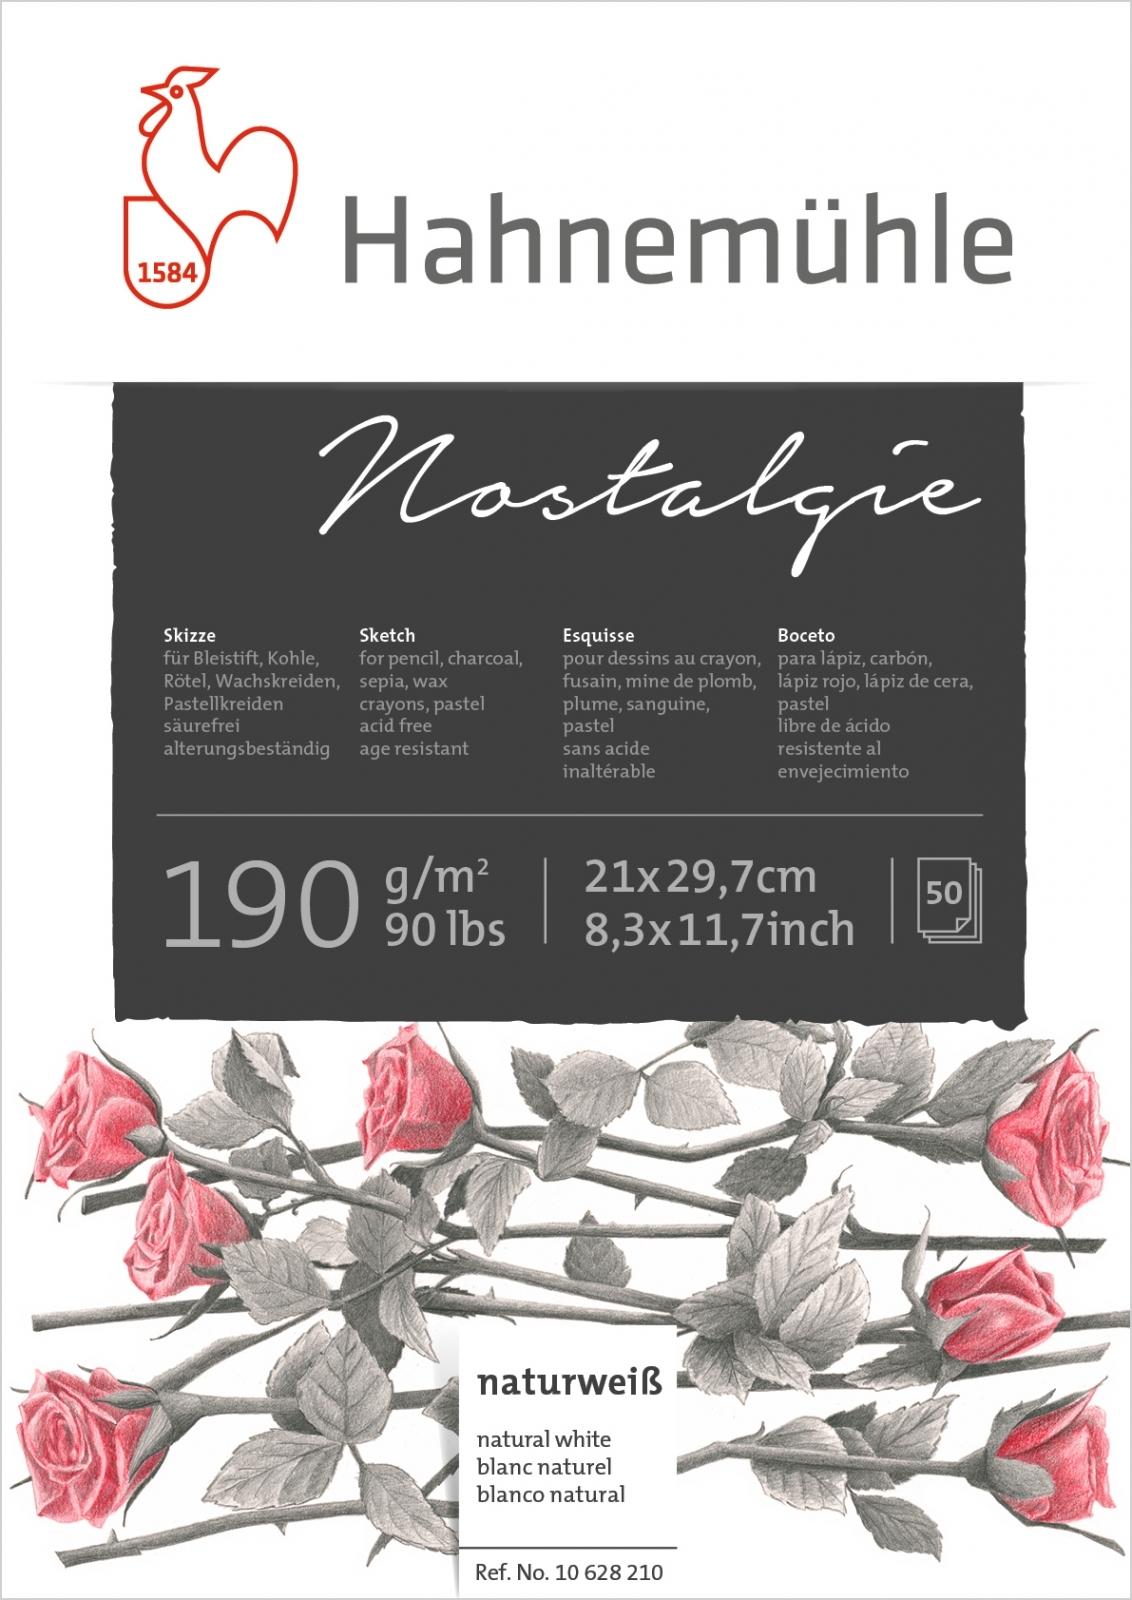 Papel Hahnemuhle Nostalgie 190g/m2 21x29,7 50fls (10628210) - Papelaria Botafogo